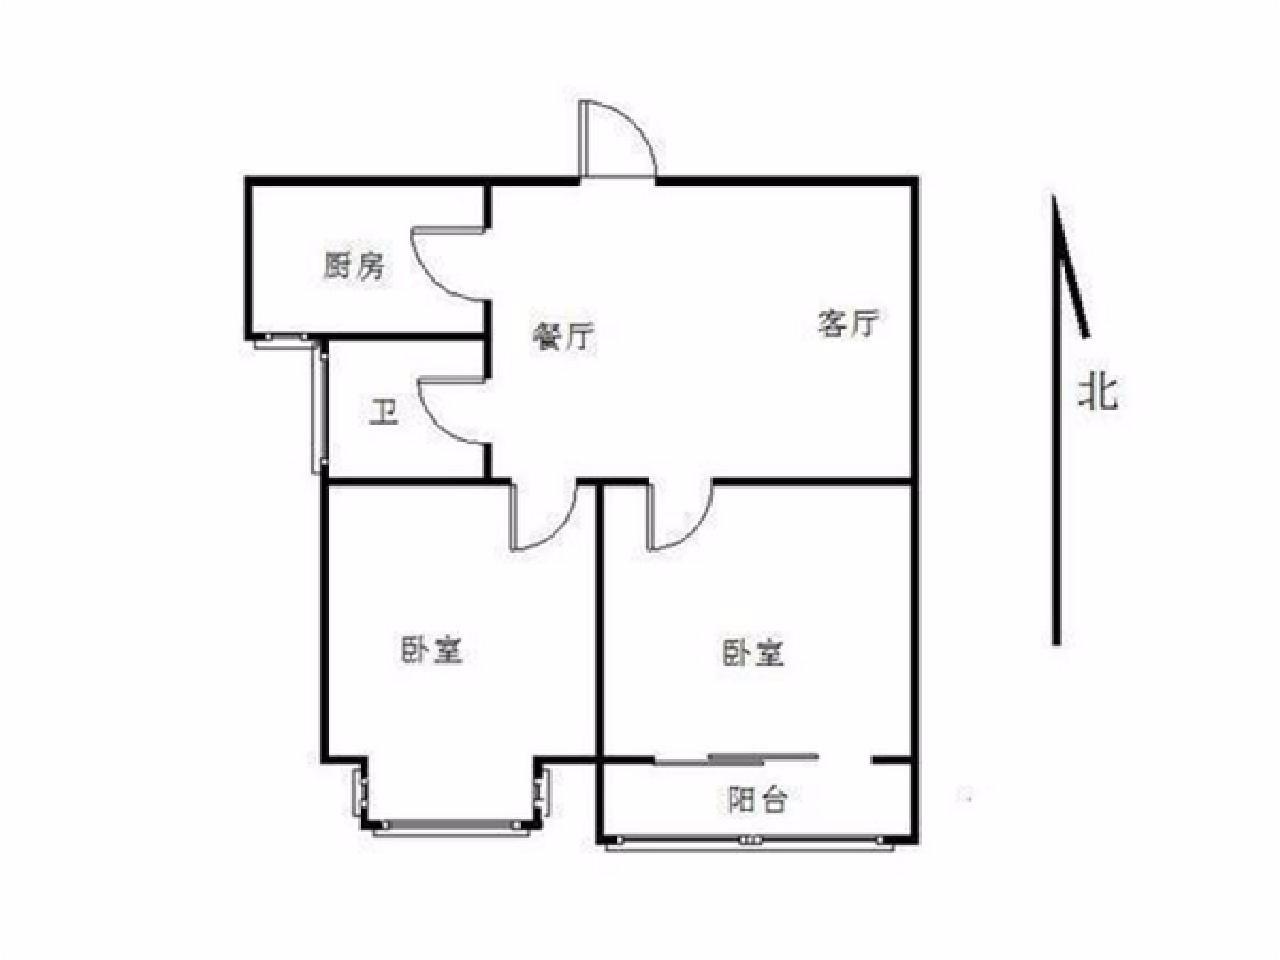 栖霞区仙林东方天郡西区2室1厅户型图